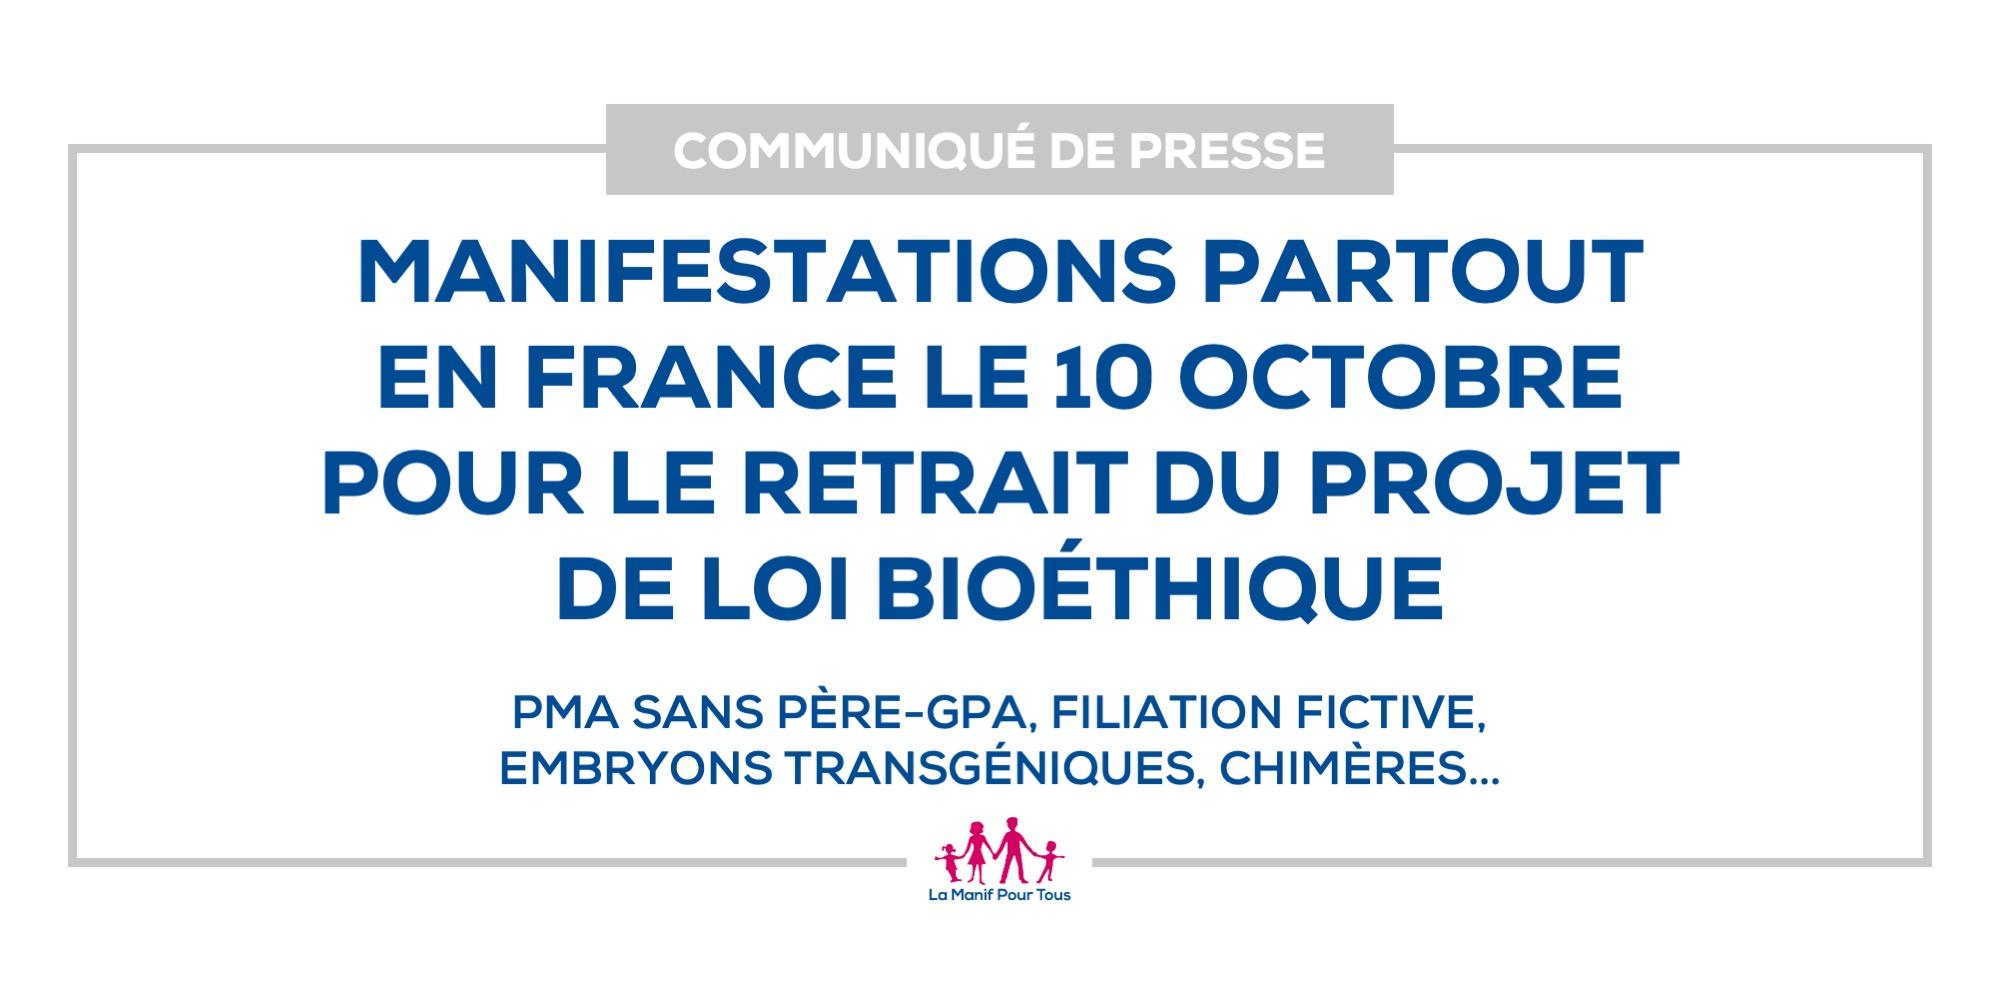 Image - Manifestations partout en France le 10 octobre  pour le retrait du projet de loi bioéthique